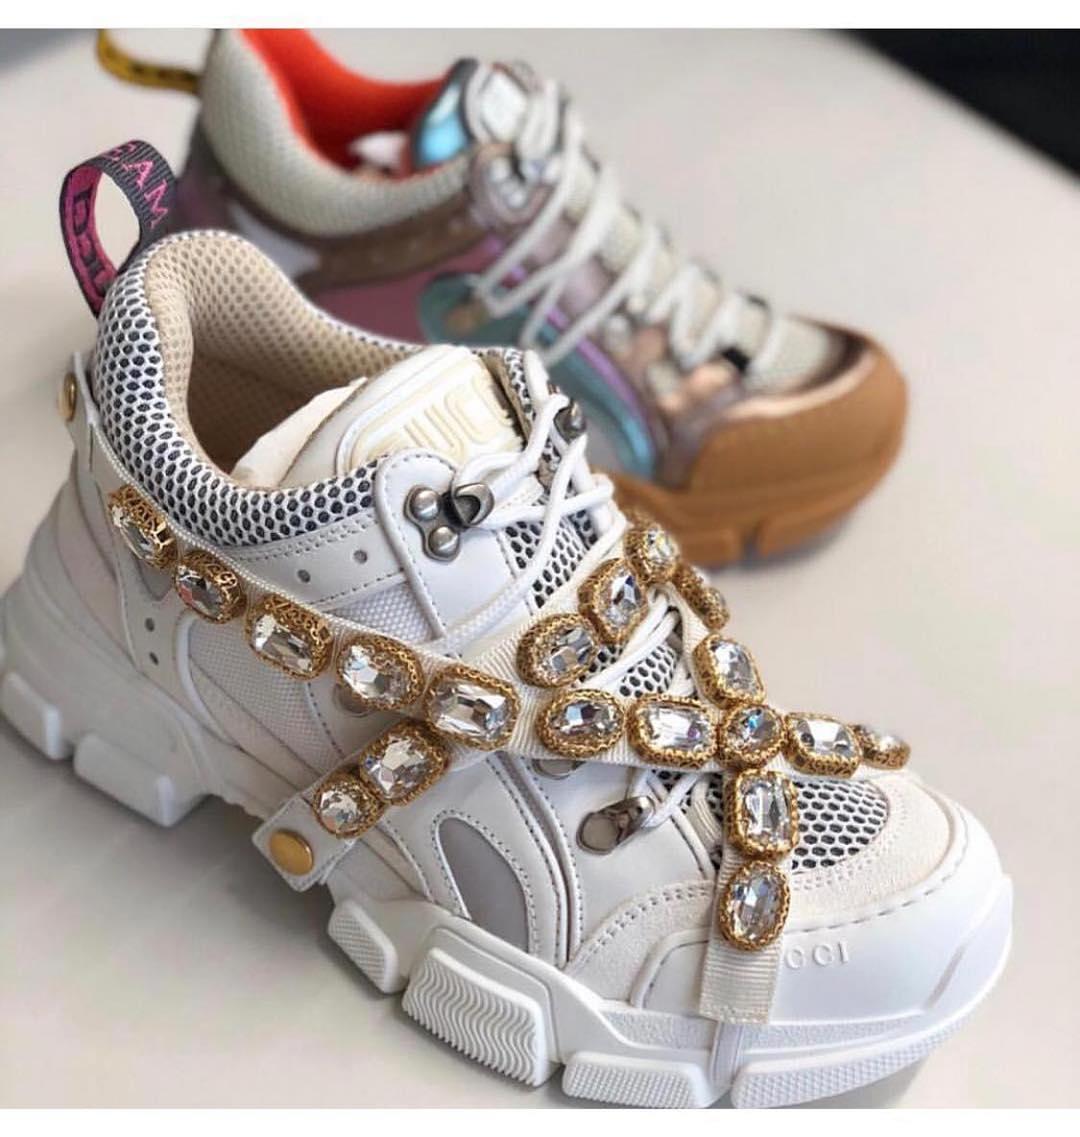 988dcd65 Купить кроссовки Gucci за 96600 руб. в интернет магазине - бутике с ...